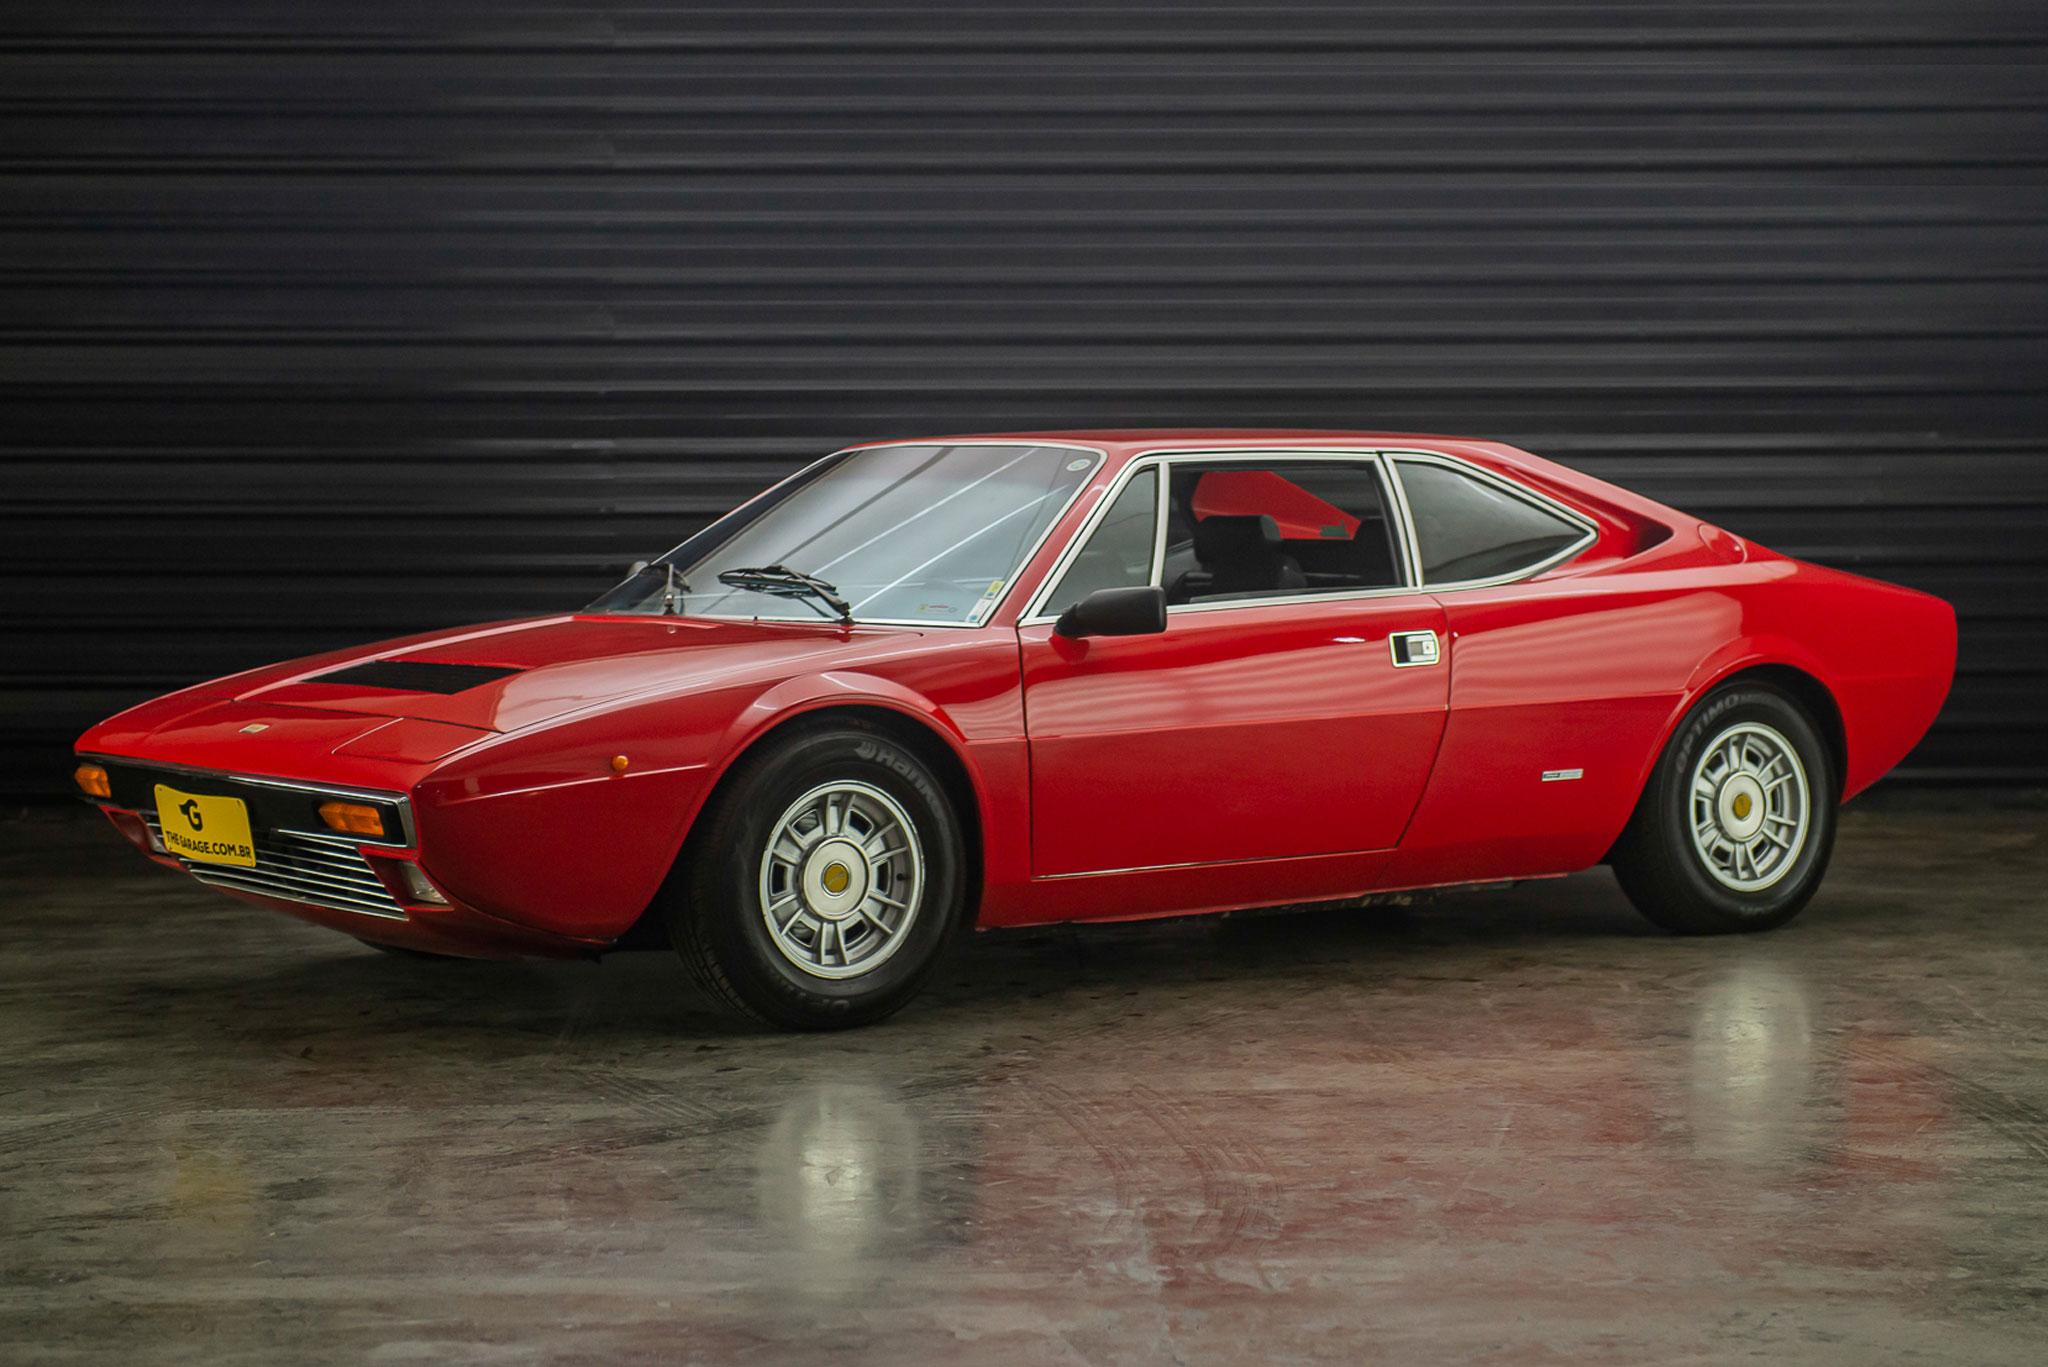 1975-Ferrari-Dino-308-GT4-2+2-a-venda-sao-paulo-sp-for-sale-the-garage-classicos-a-melhor-loja-de-carros-antigos-acervo-de-carros-1-4